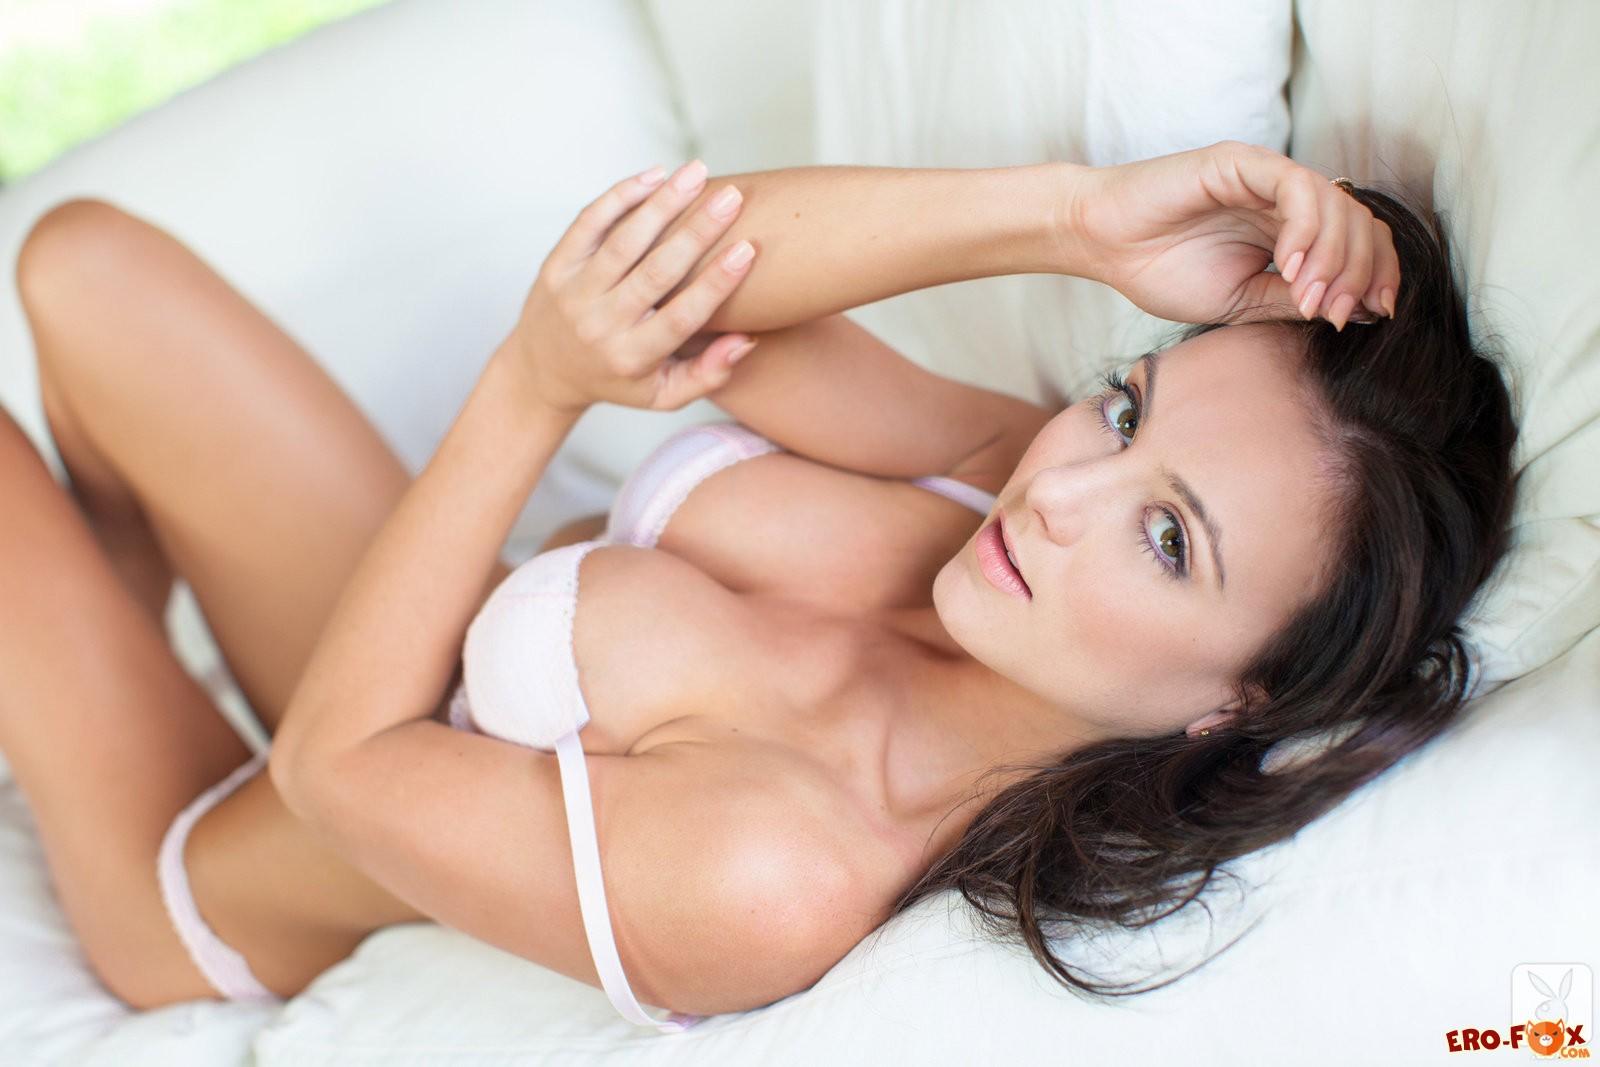 Красивая брюнетка в белом нижнем белье - фото эротика.